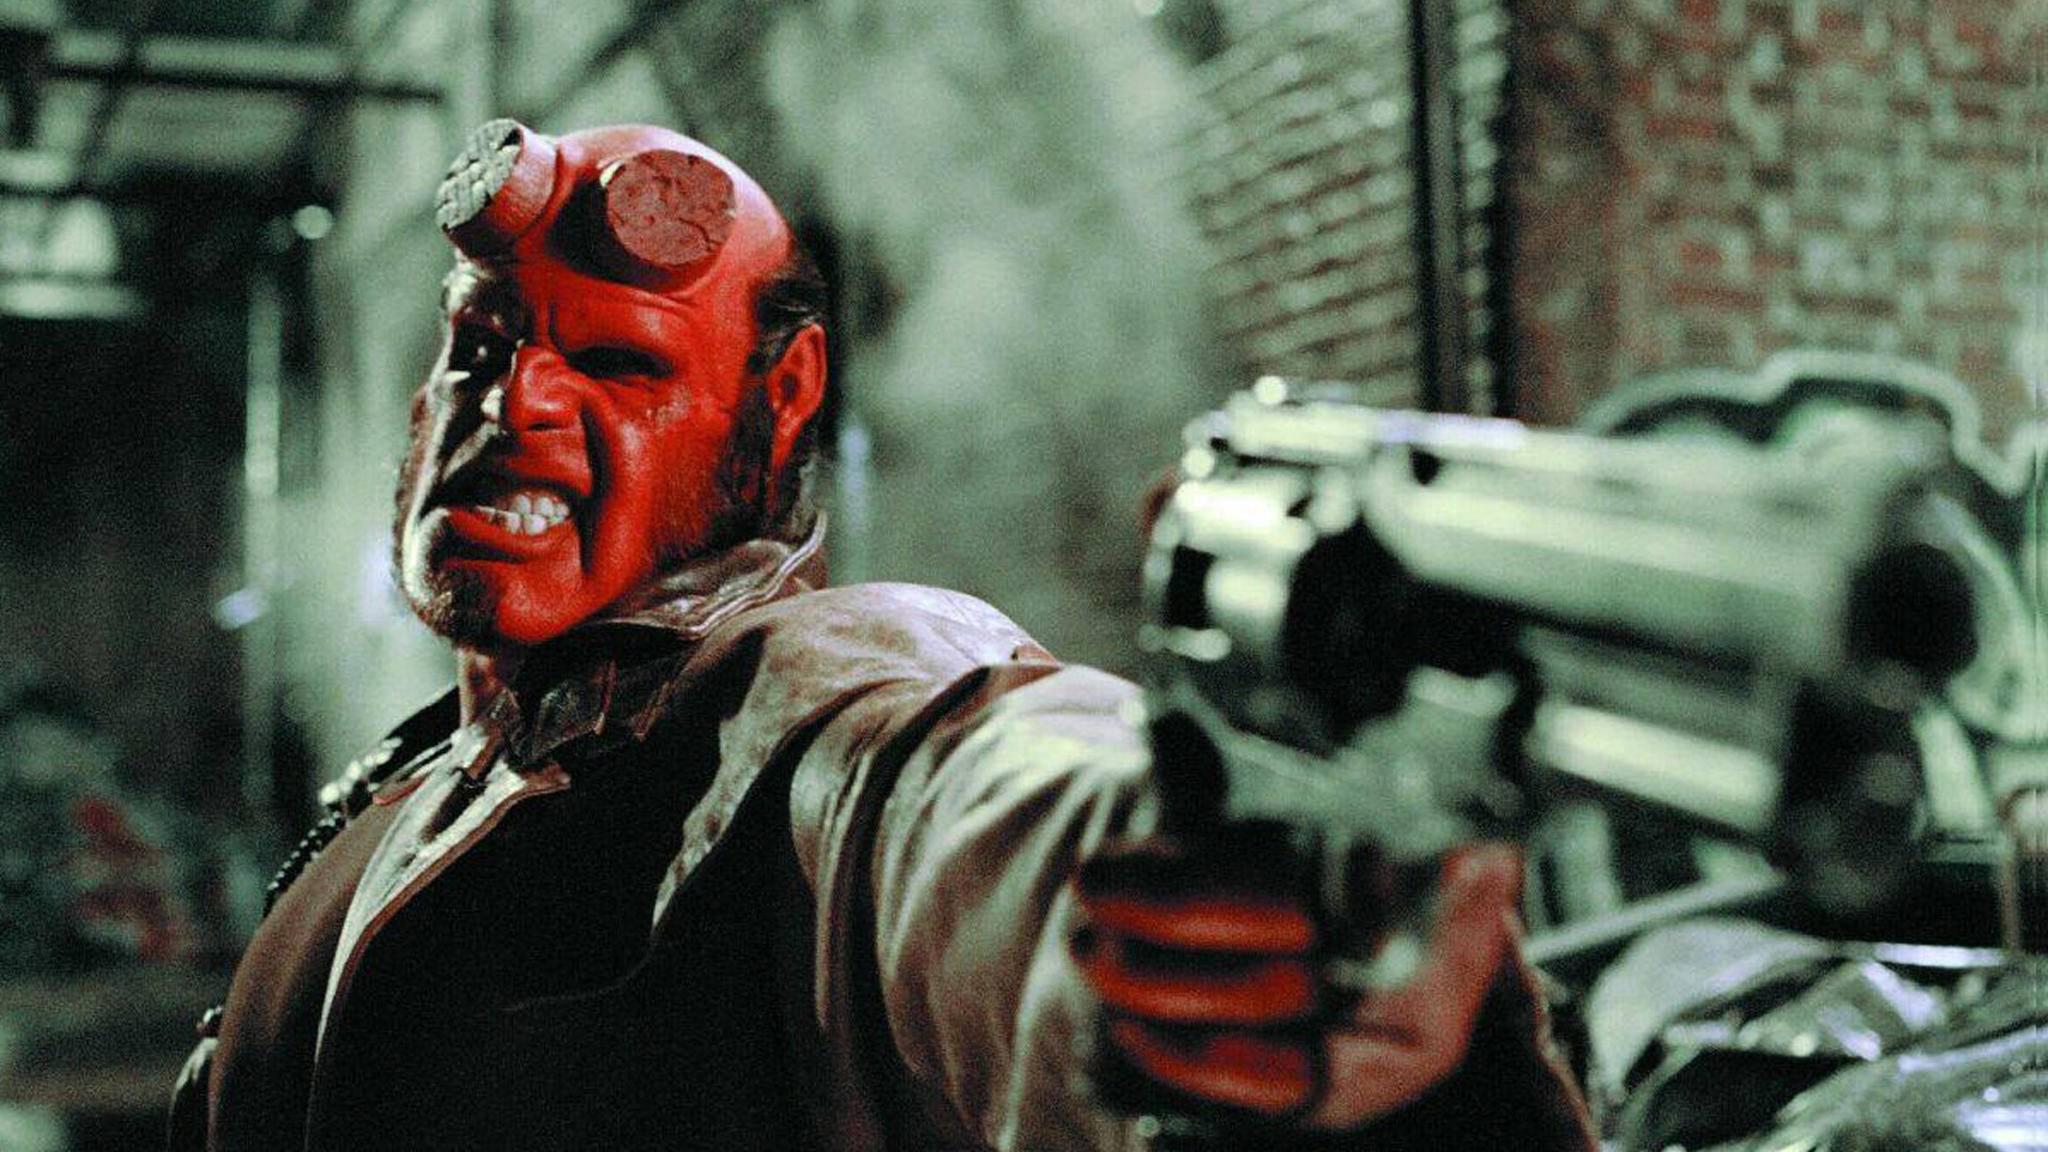 Nicht so böse wie er aussieht: Ron Perlman als Hellboy.